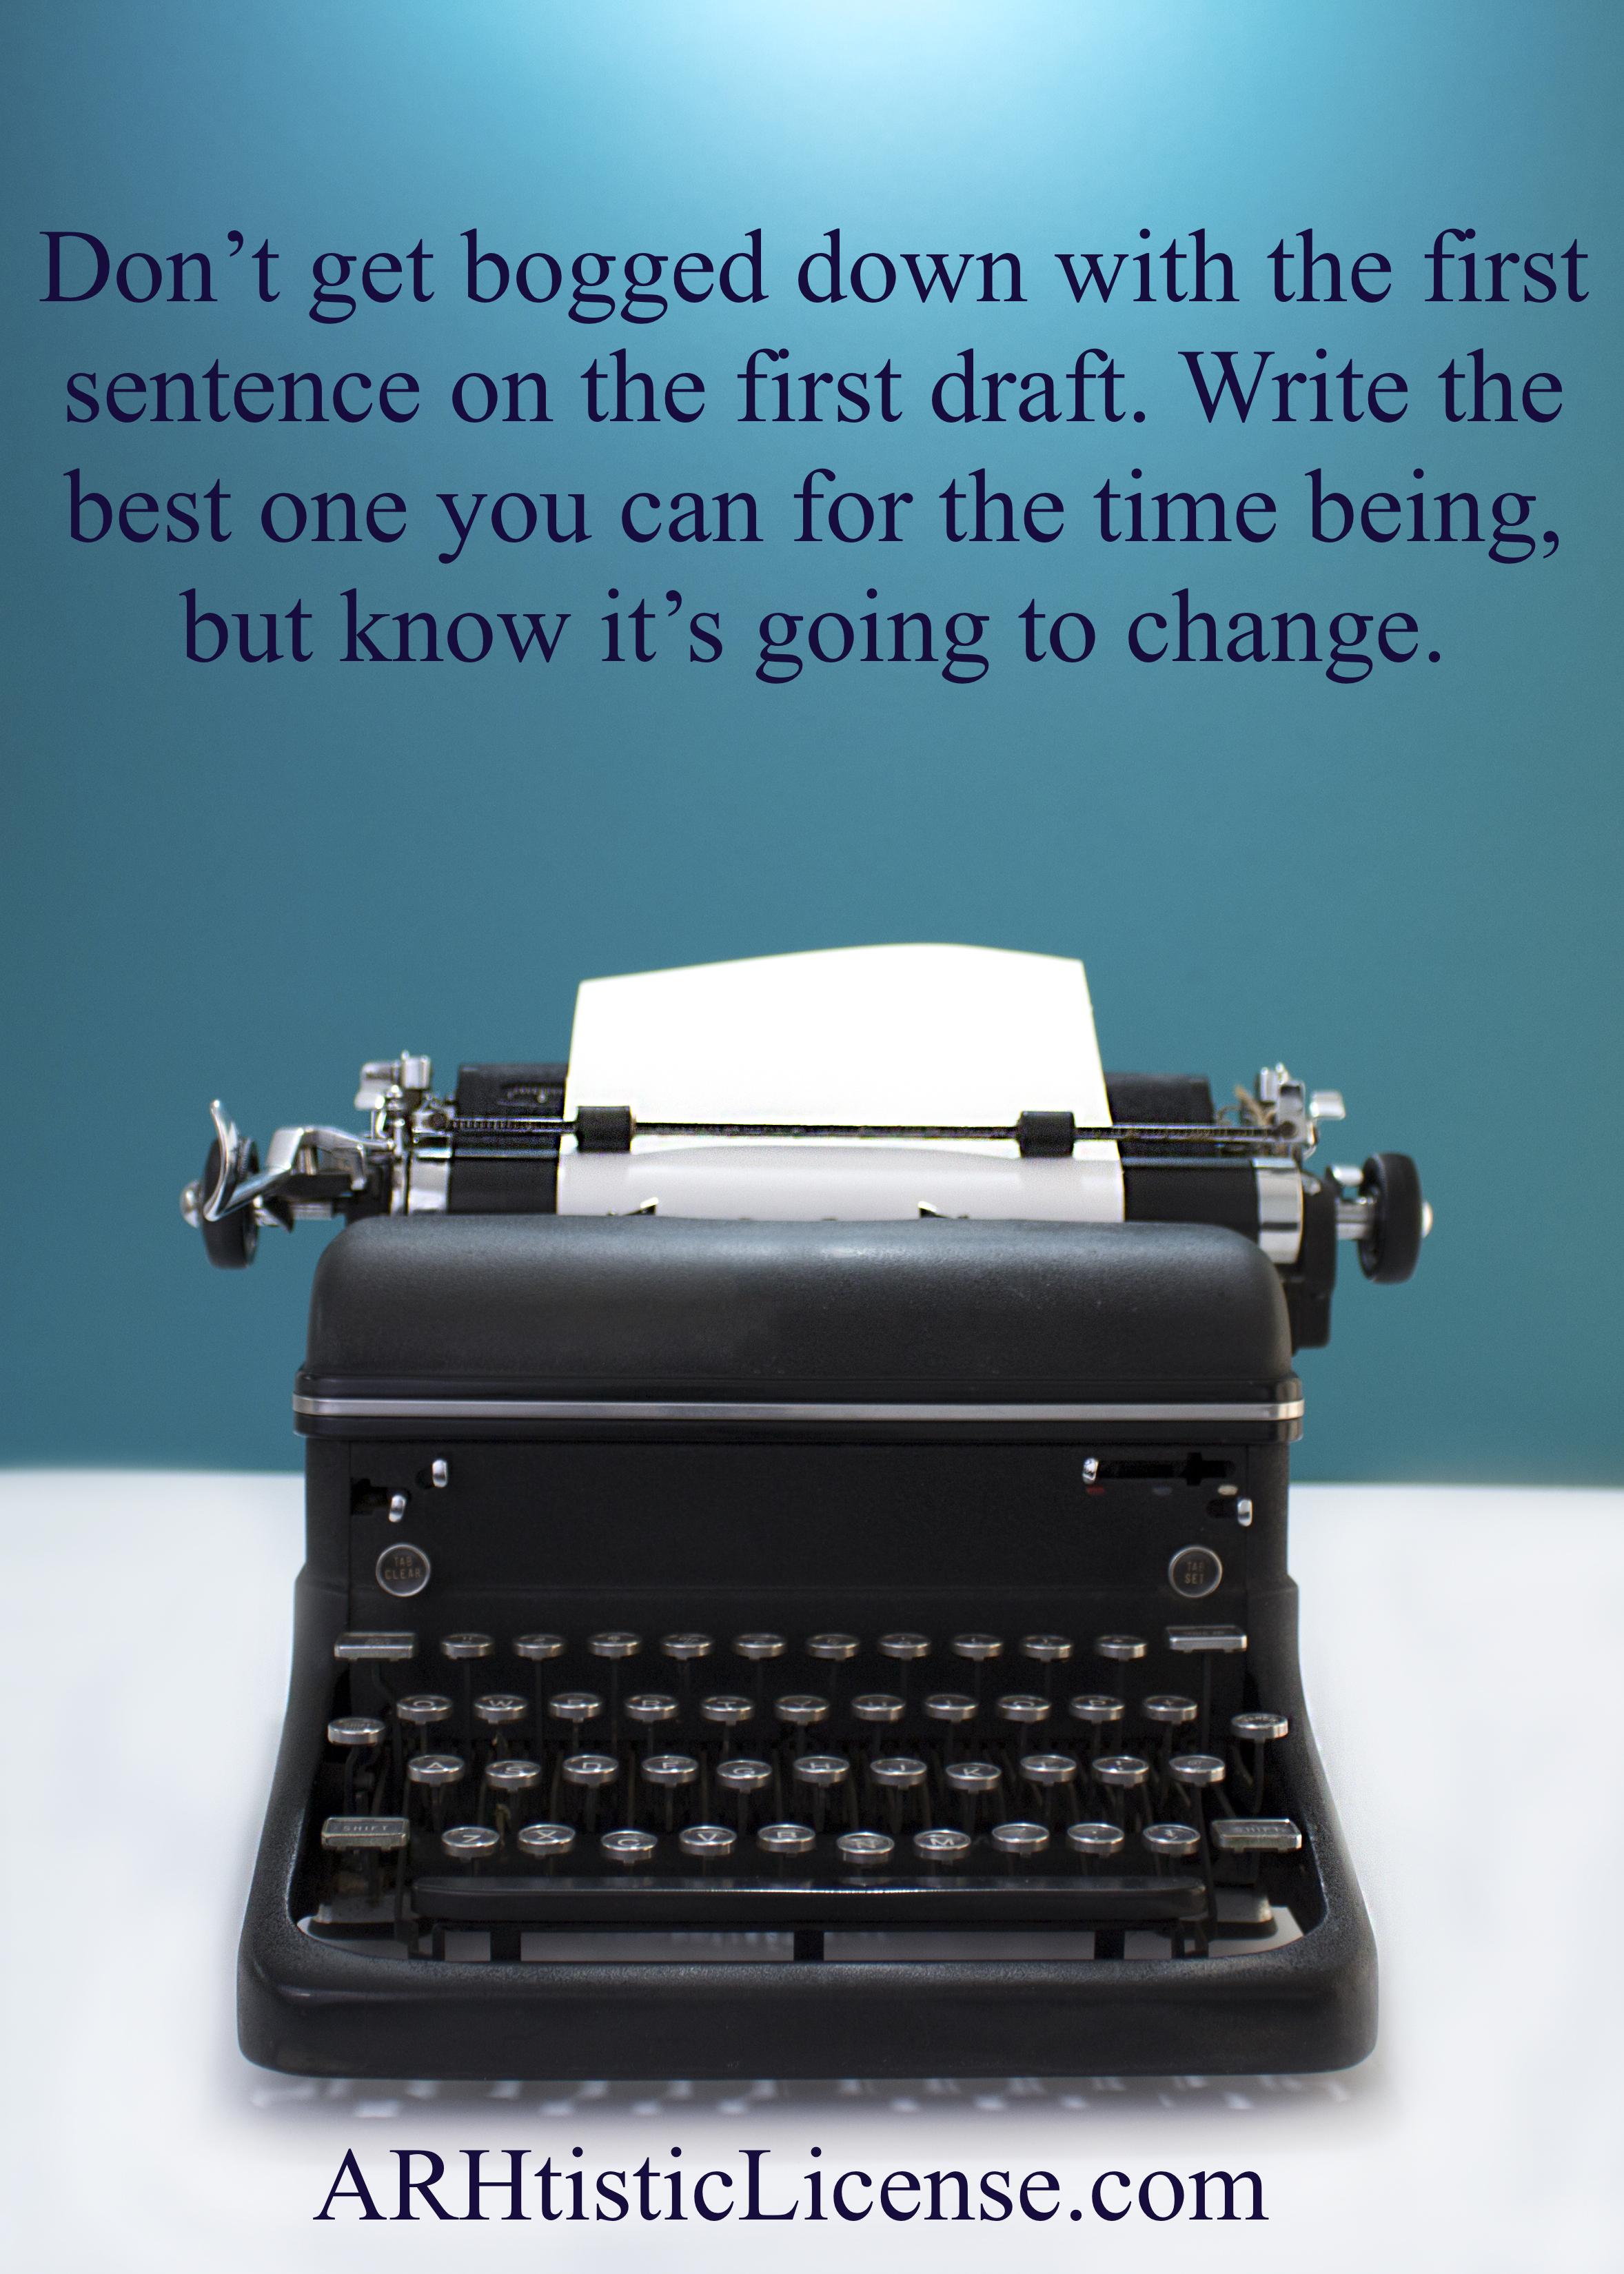 First Draft 1st Sentence